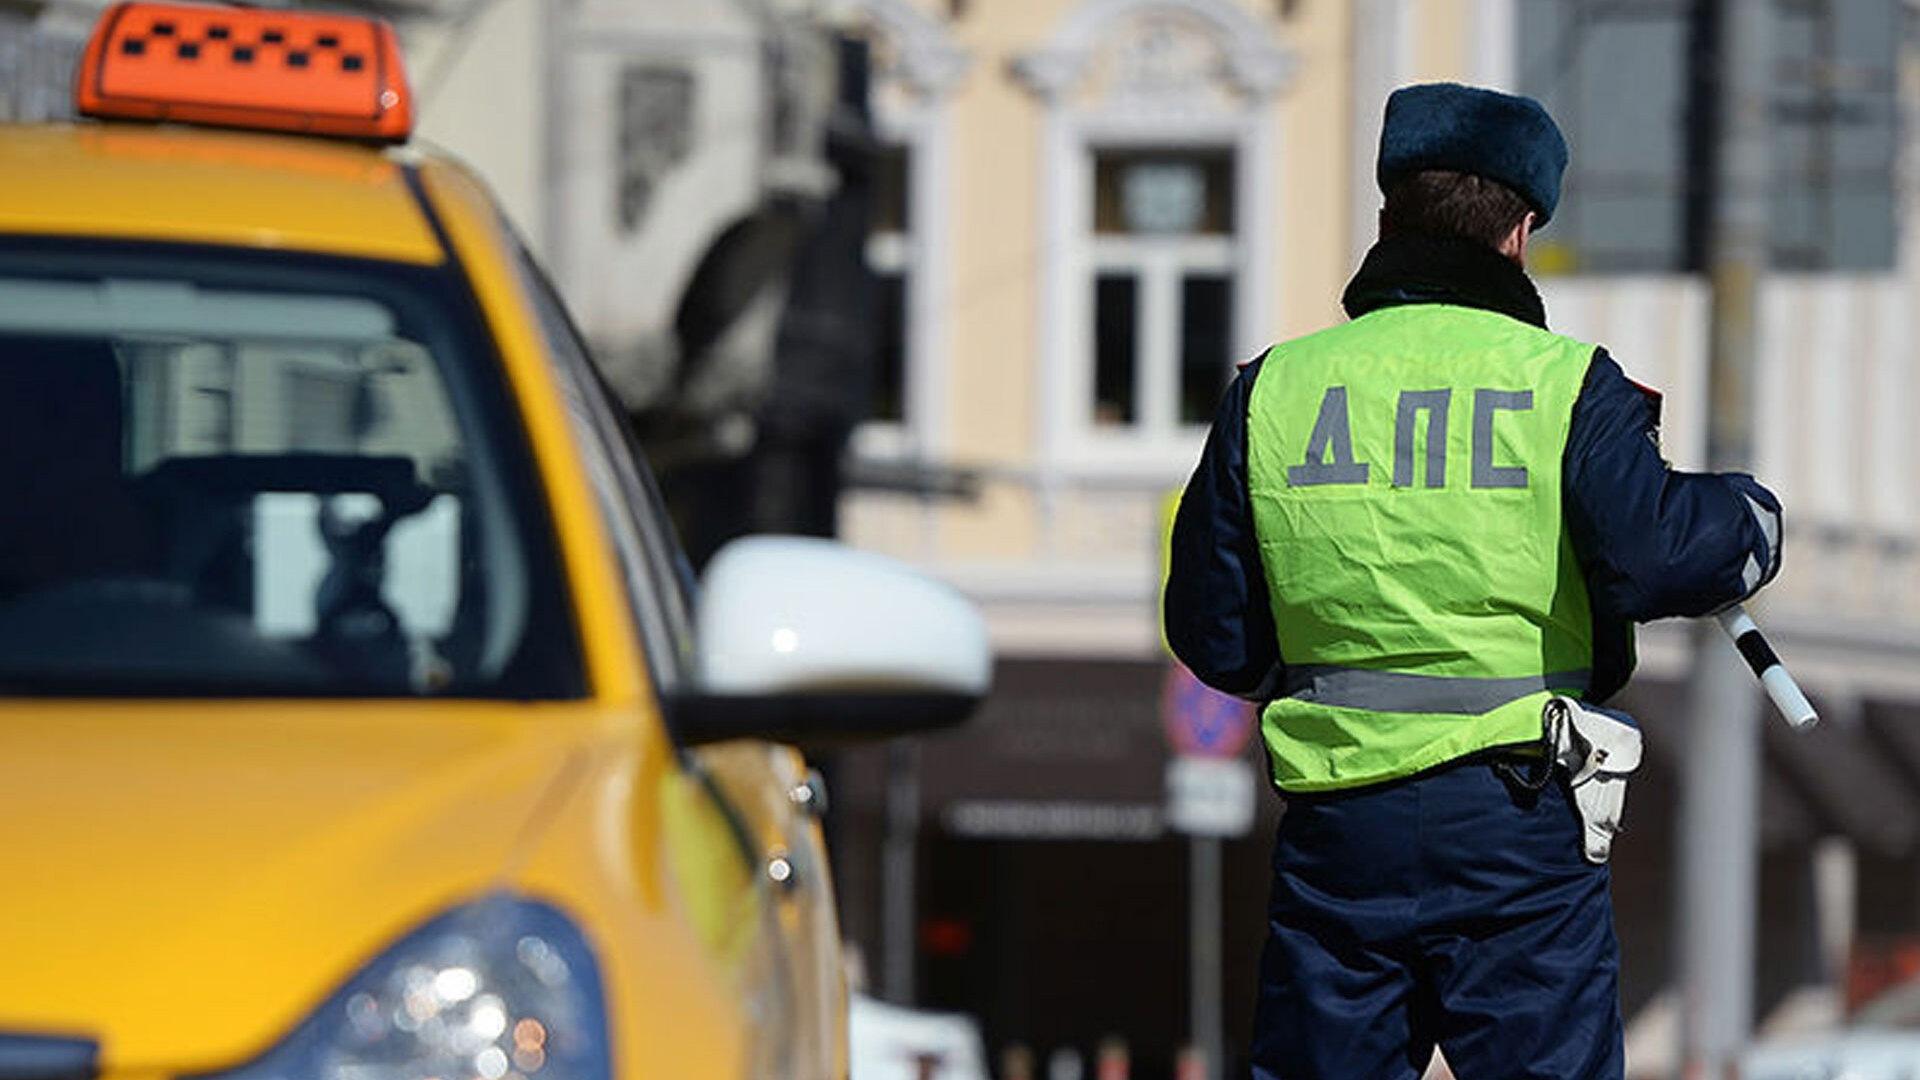 В Петербурге и Ленобласти начались рейды по проверке такси